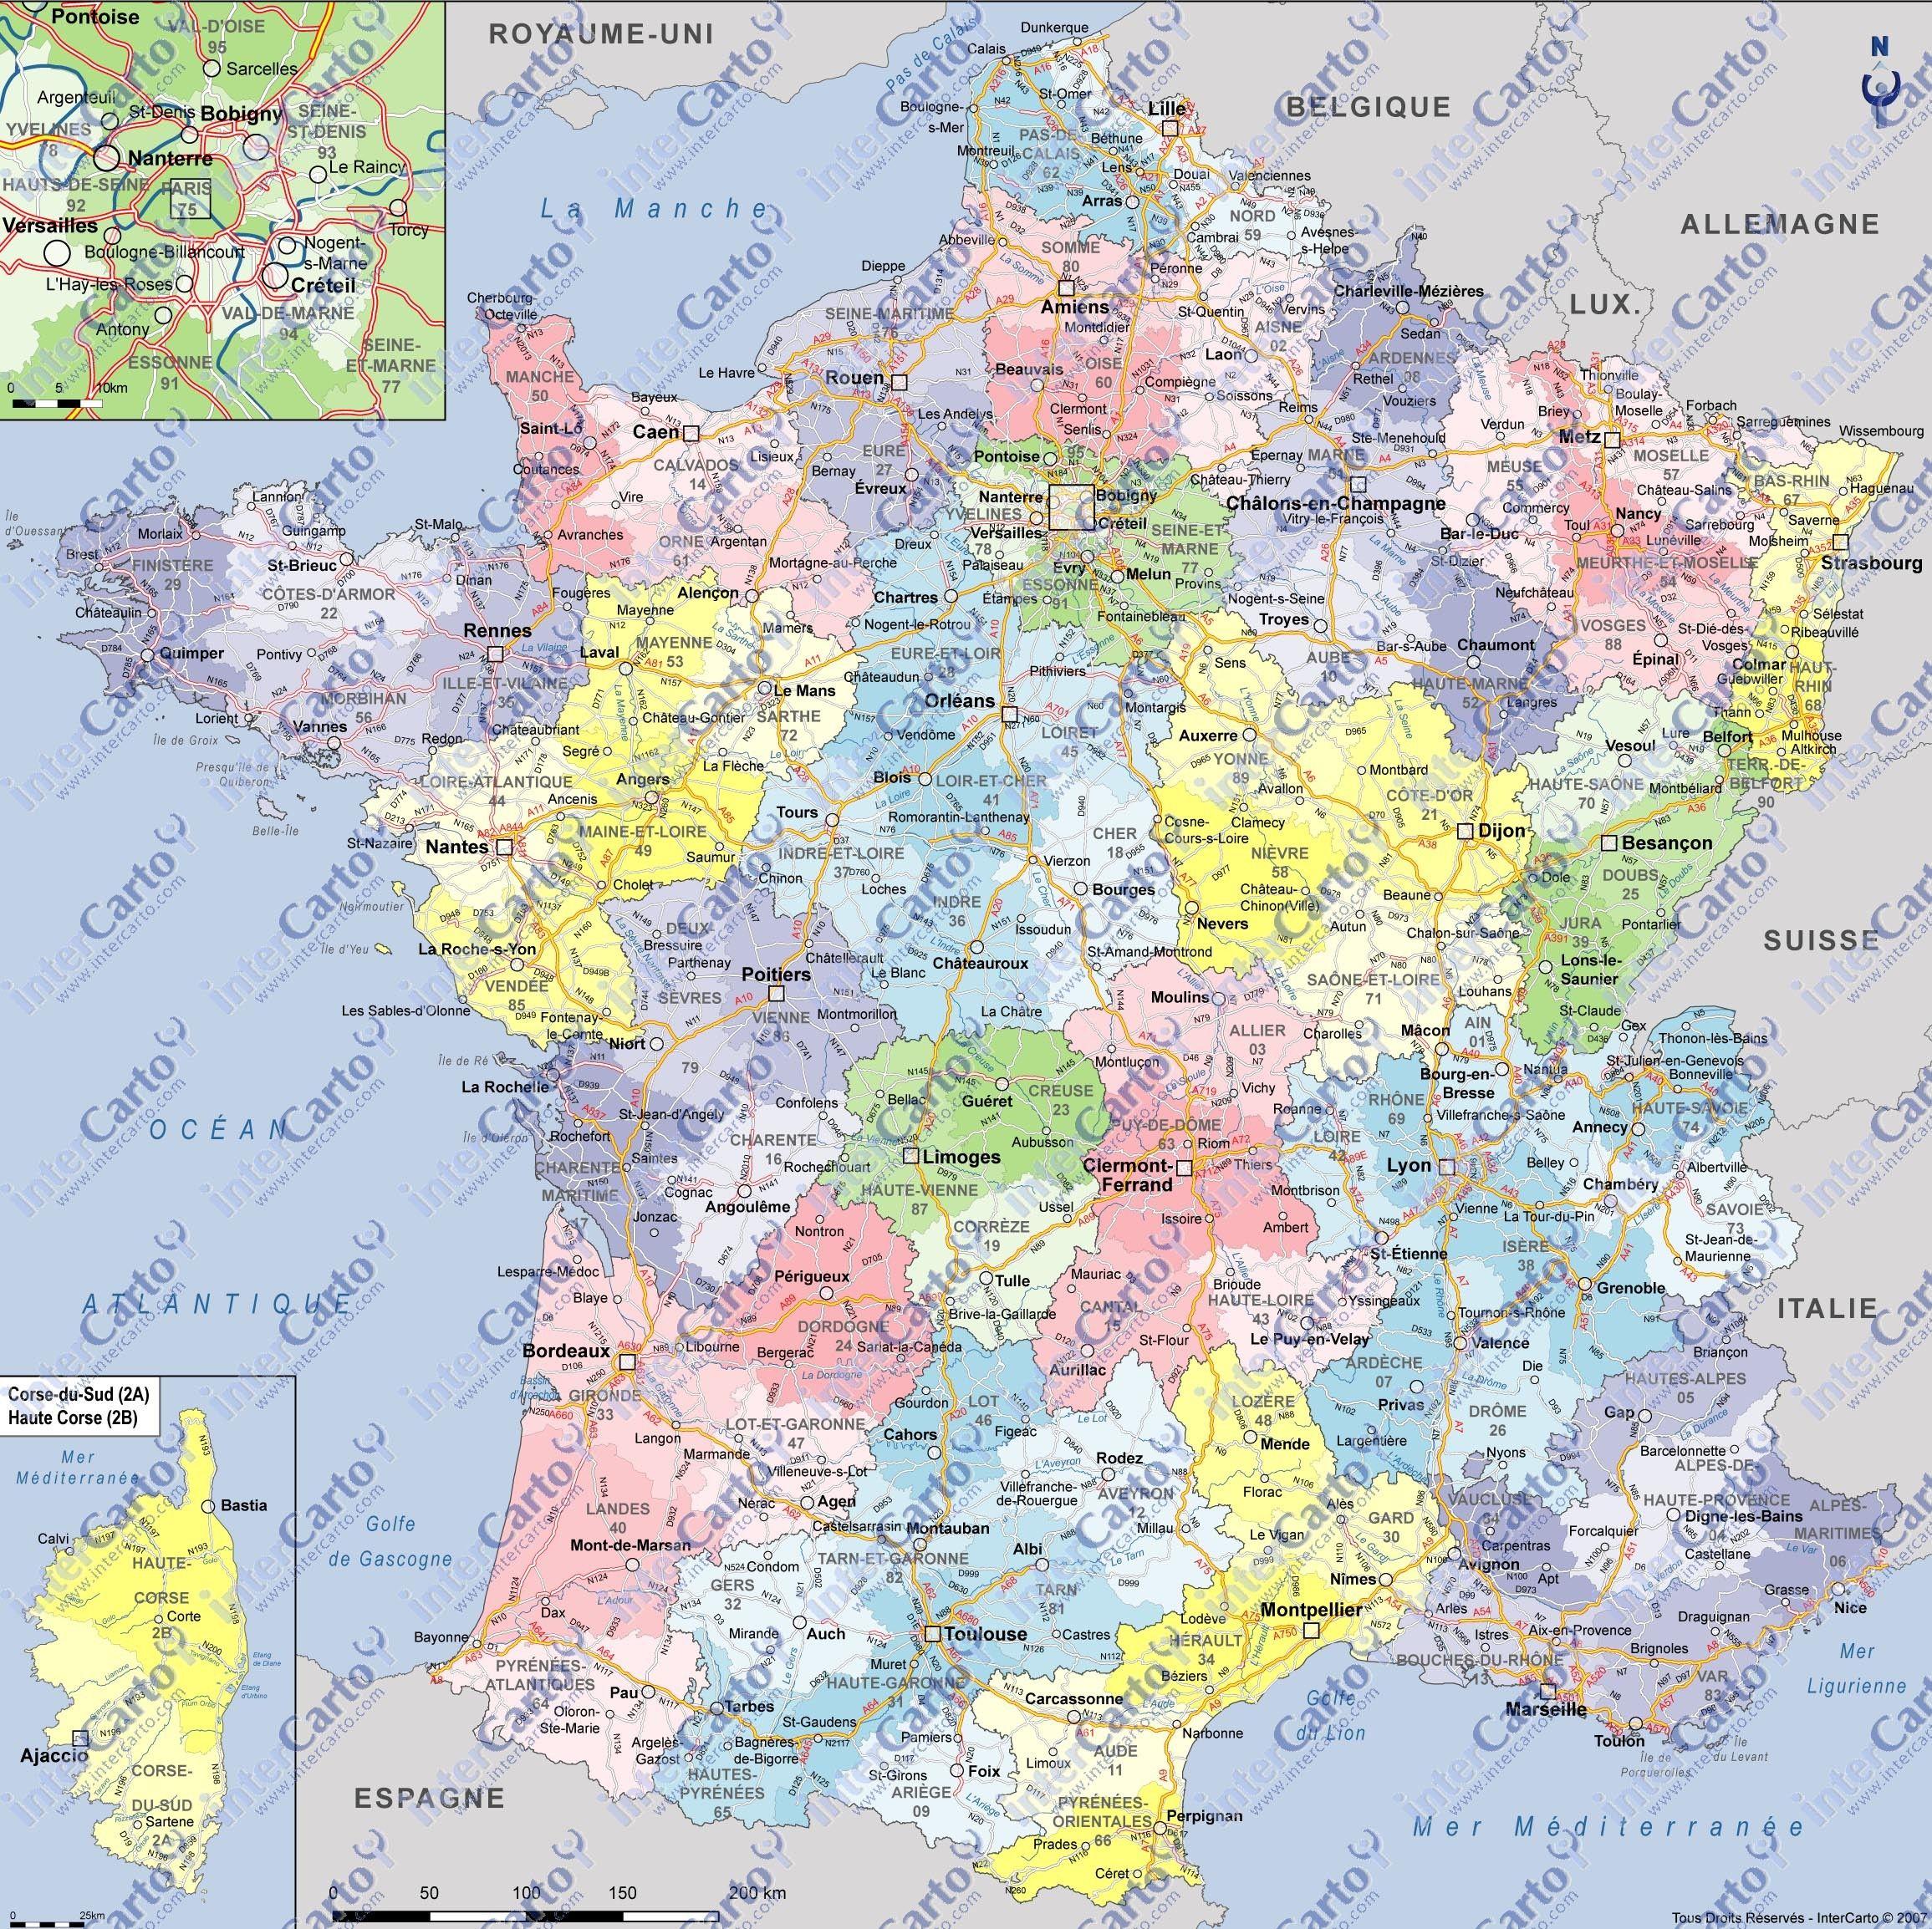 Carte De France Départements Villes Et Régions | Carte De dedans Carte Des Départements Et Villes